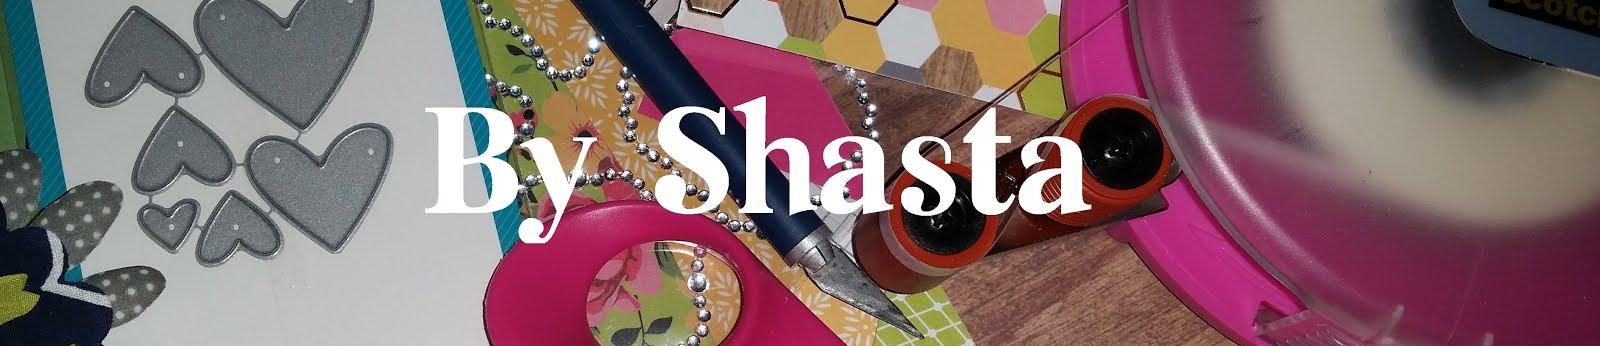 ~By Shasta~